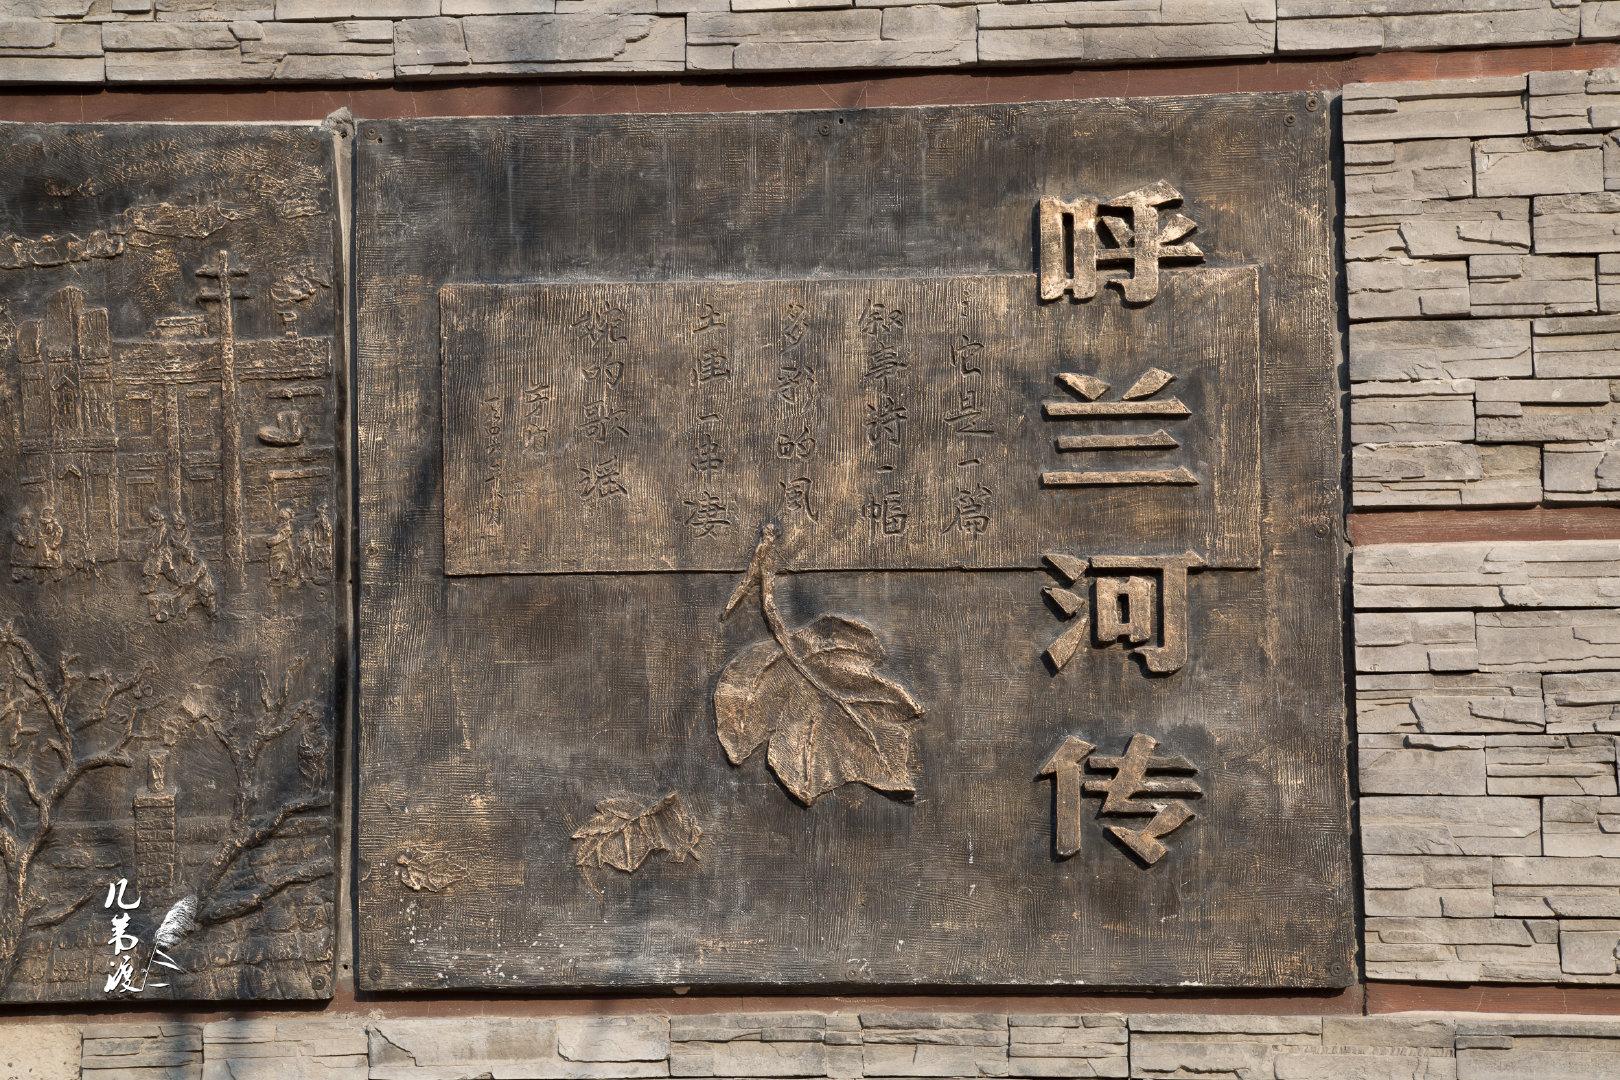 哈尔滨呼兰区 萧红纪念馆墙面浮雕《呼兰河传》 实话说没看过对近现